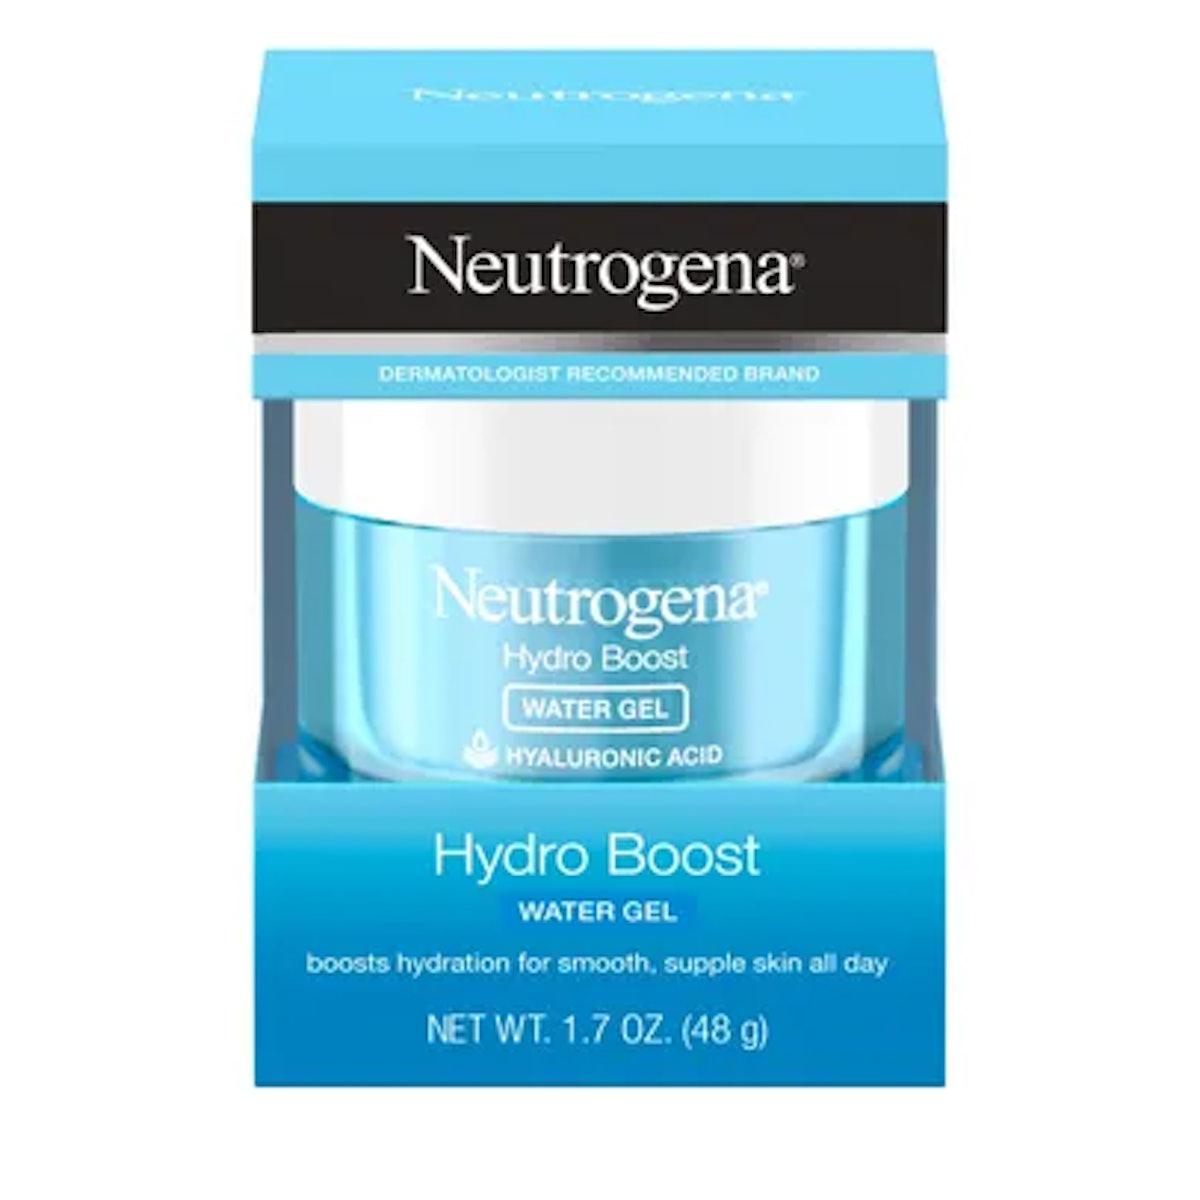 Neutrogena Hydro Boost Hyaluronic Acid Water Gel Moisturizer